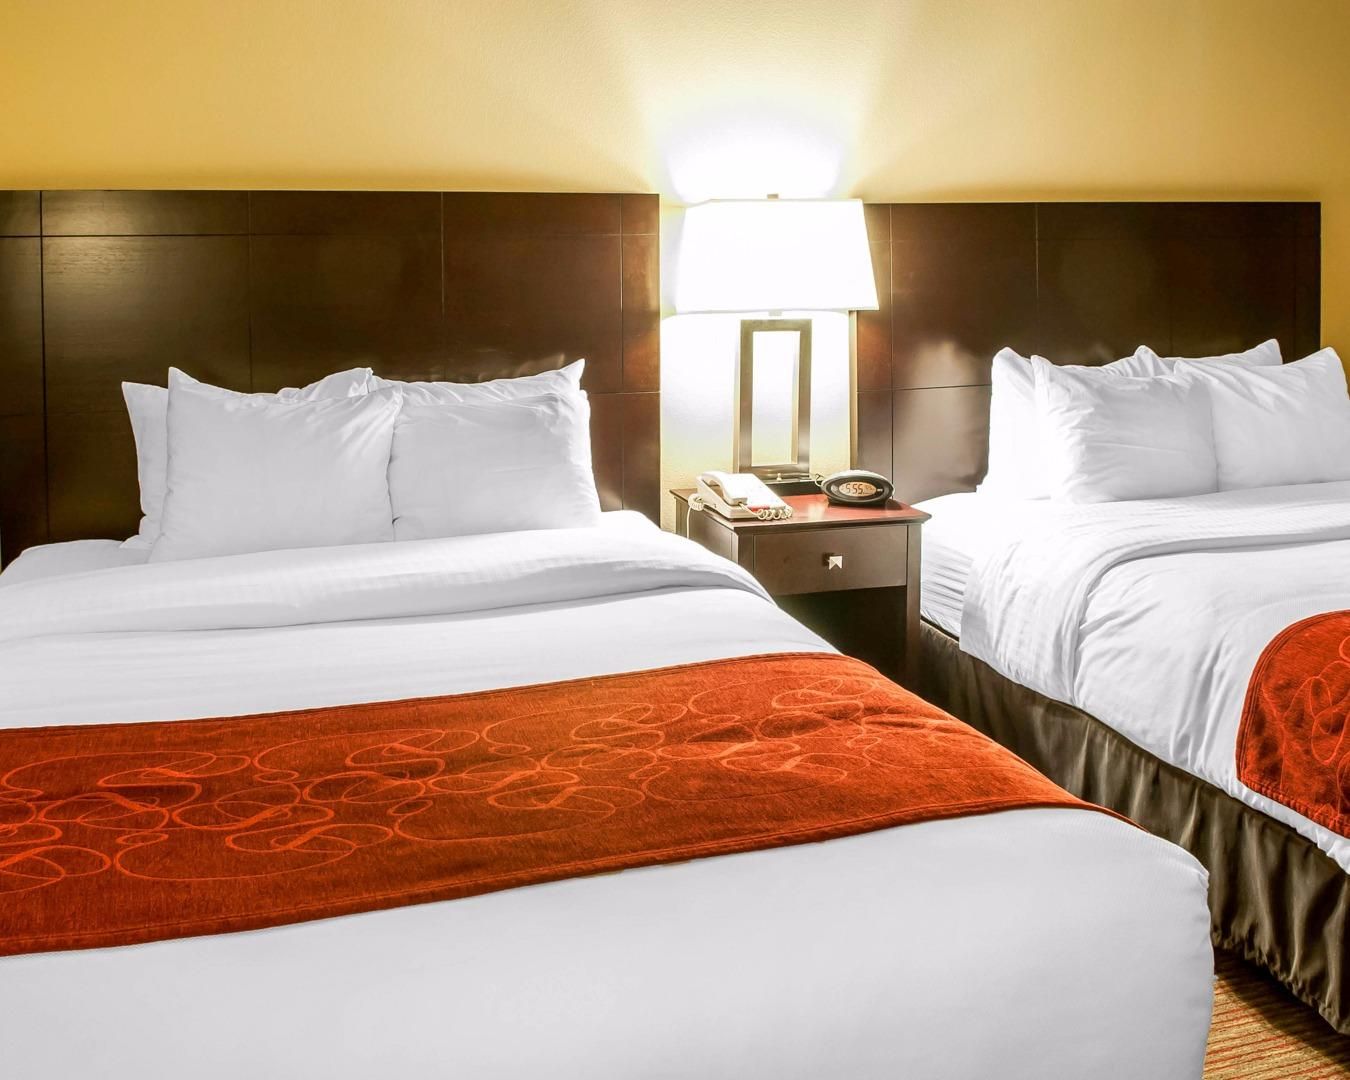 Comfort Suites, Gallup NM